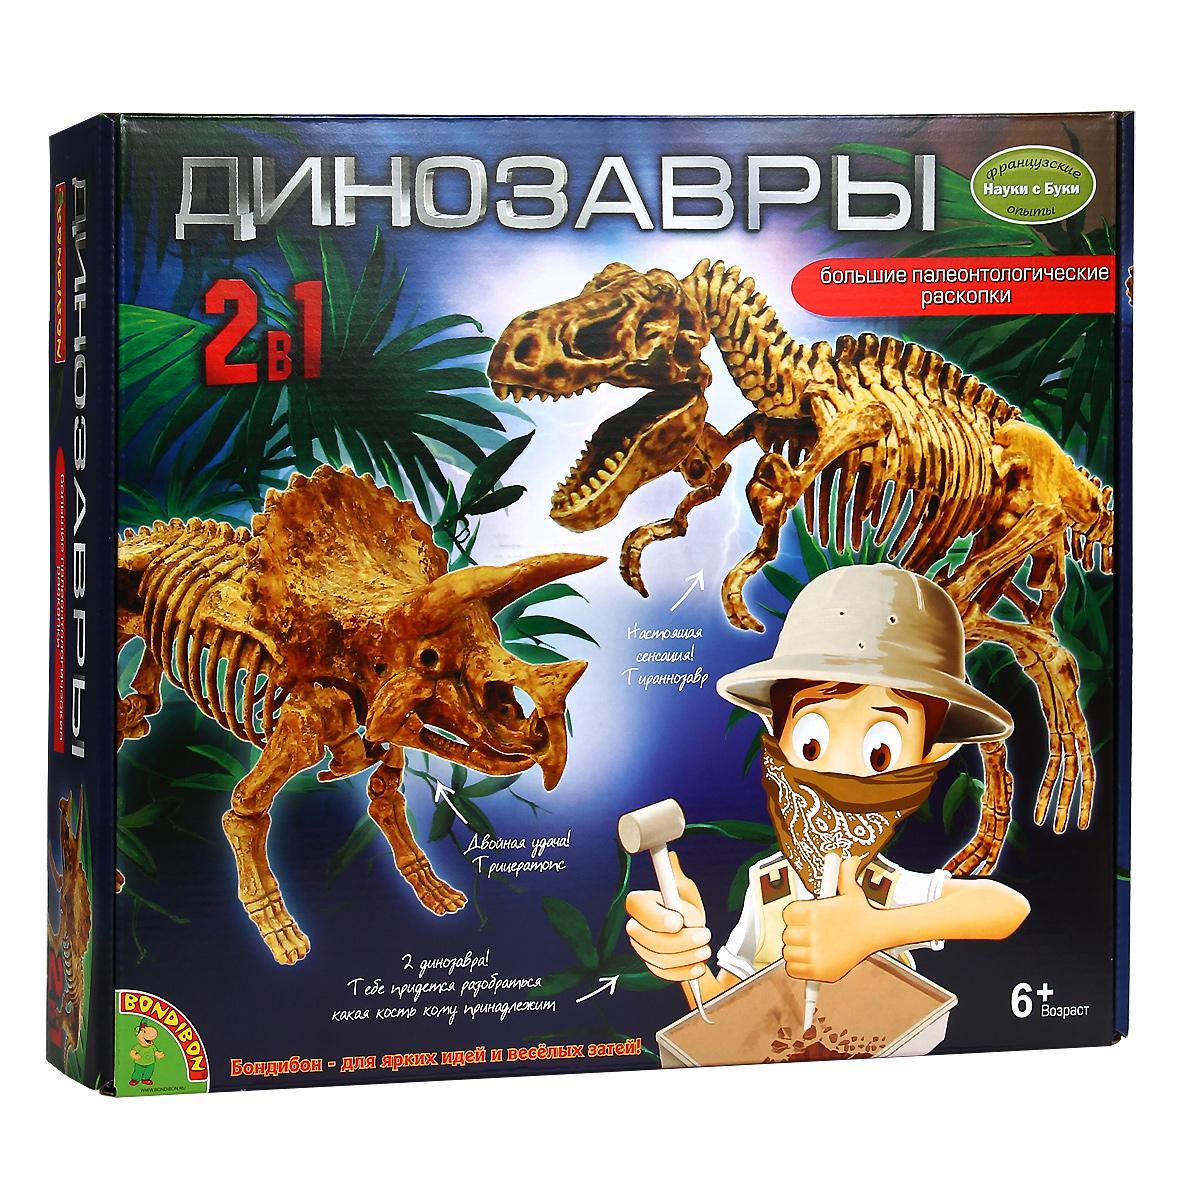 Набор для раскопок Bondibon Динозавры 2в1ВВ0966С помощью набора для раскопок Bondibon Динозавры 2в1 ваш юный исследователь почувствует себя настоящим палеонтологом, изучающим древний мир. Его ждет захватывающее погружение в мир древних животных, которые населяли нашу планету миллионы лет назад. Используя набор настоящих инструментов палеонтолога, ребенок сможет самостоятельно найти скелеты двух динозавров - тираннозавра и трицератопса, очистить их от вековой пыли, а затем собрать их реалистичные 3D-модели! В раскопках ребенку помогут специальные инструменты. В набор входят: лоток для раскопок с элементами динозавров, молоток для дробления, зубило, губка, кисточка для очистки объекта от пыли и пошаговая иллюстрированная инструкция на русском языке.